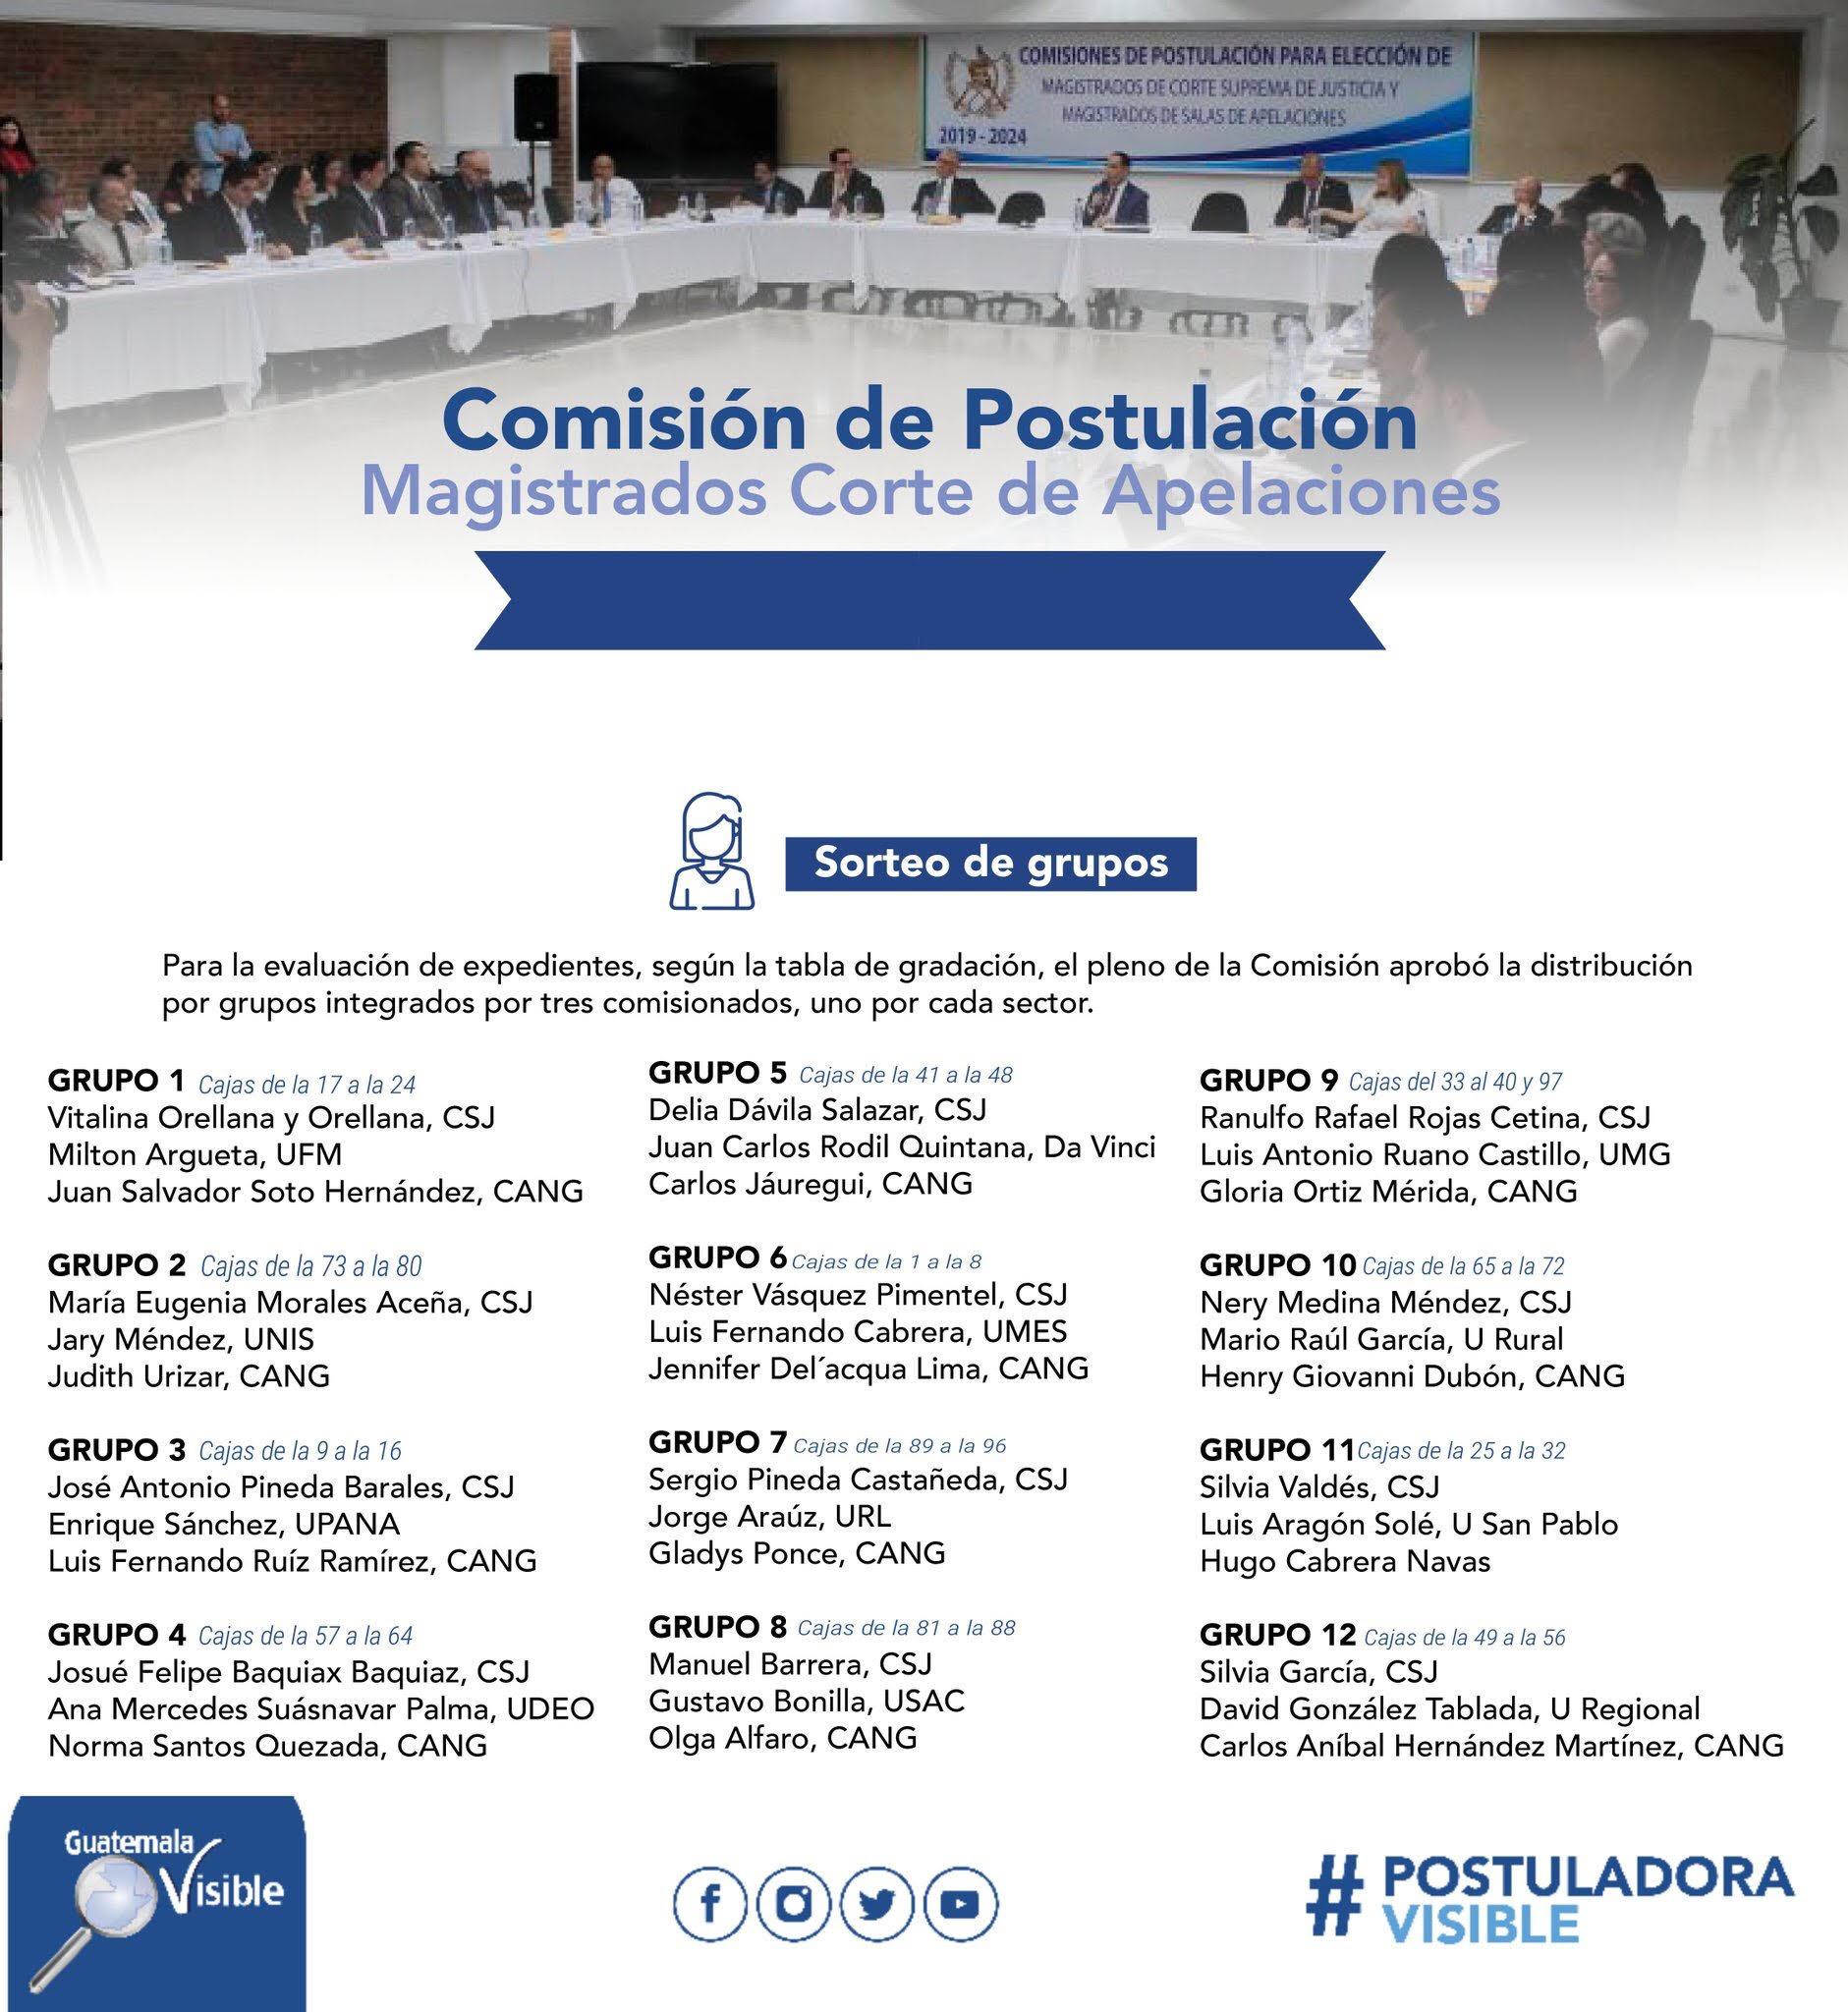 Guatemala Visible compartió la forma en la que se dividieron los grupos para calificar expedientes.